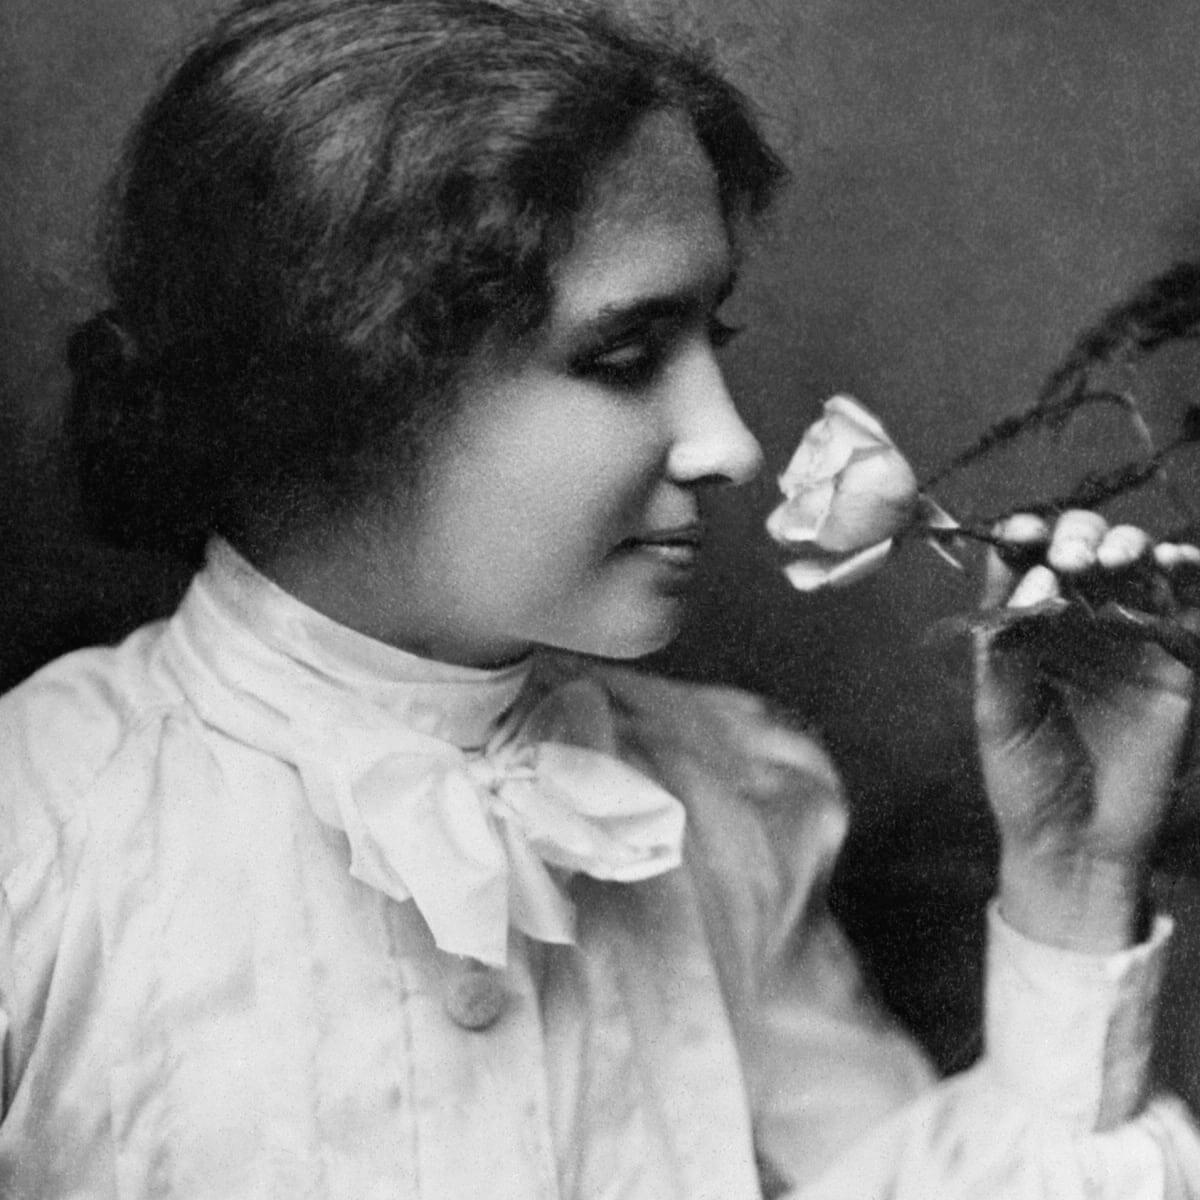 Helen Keller smelling a rose